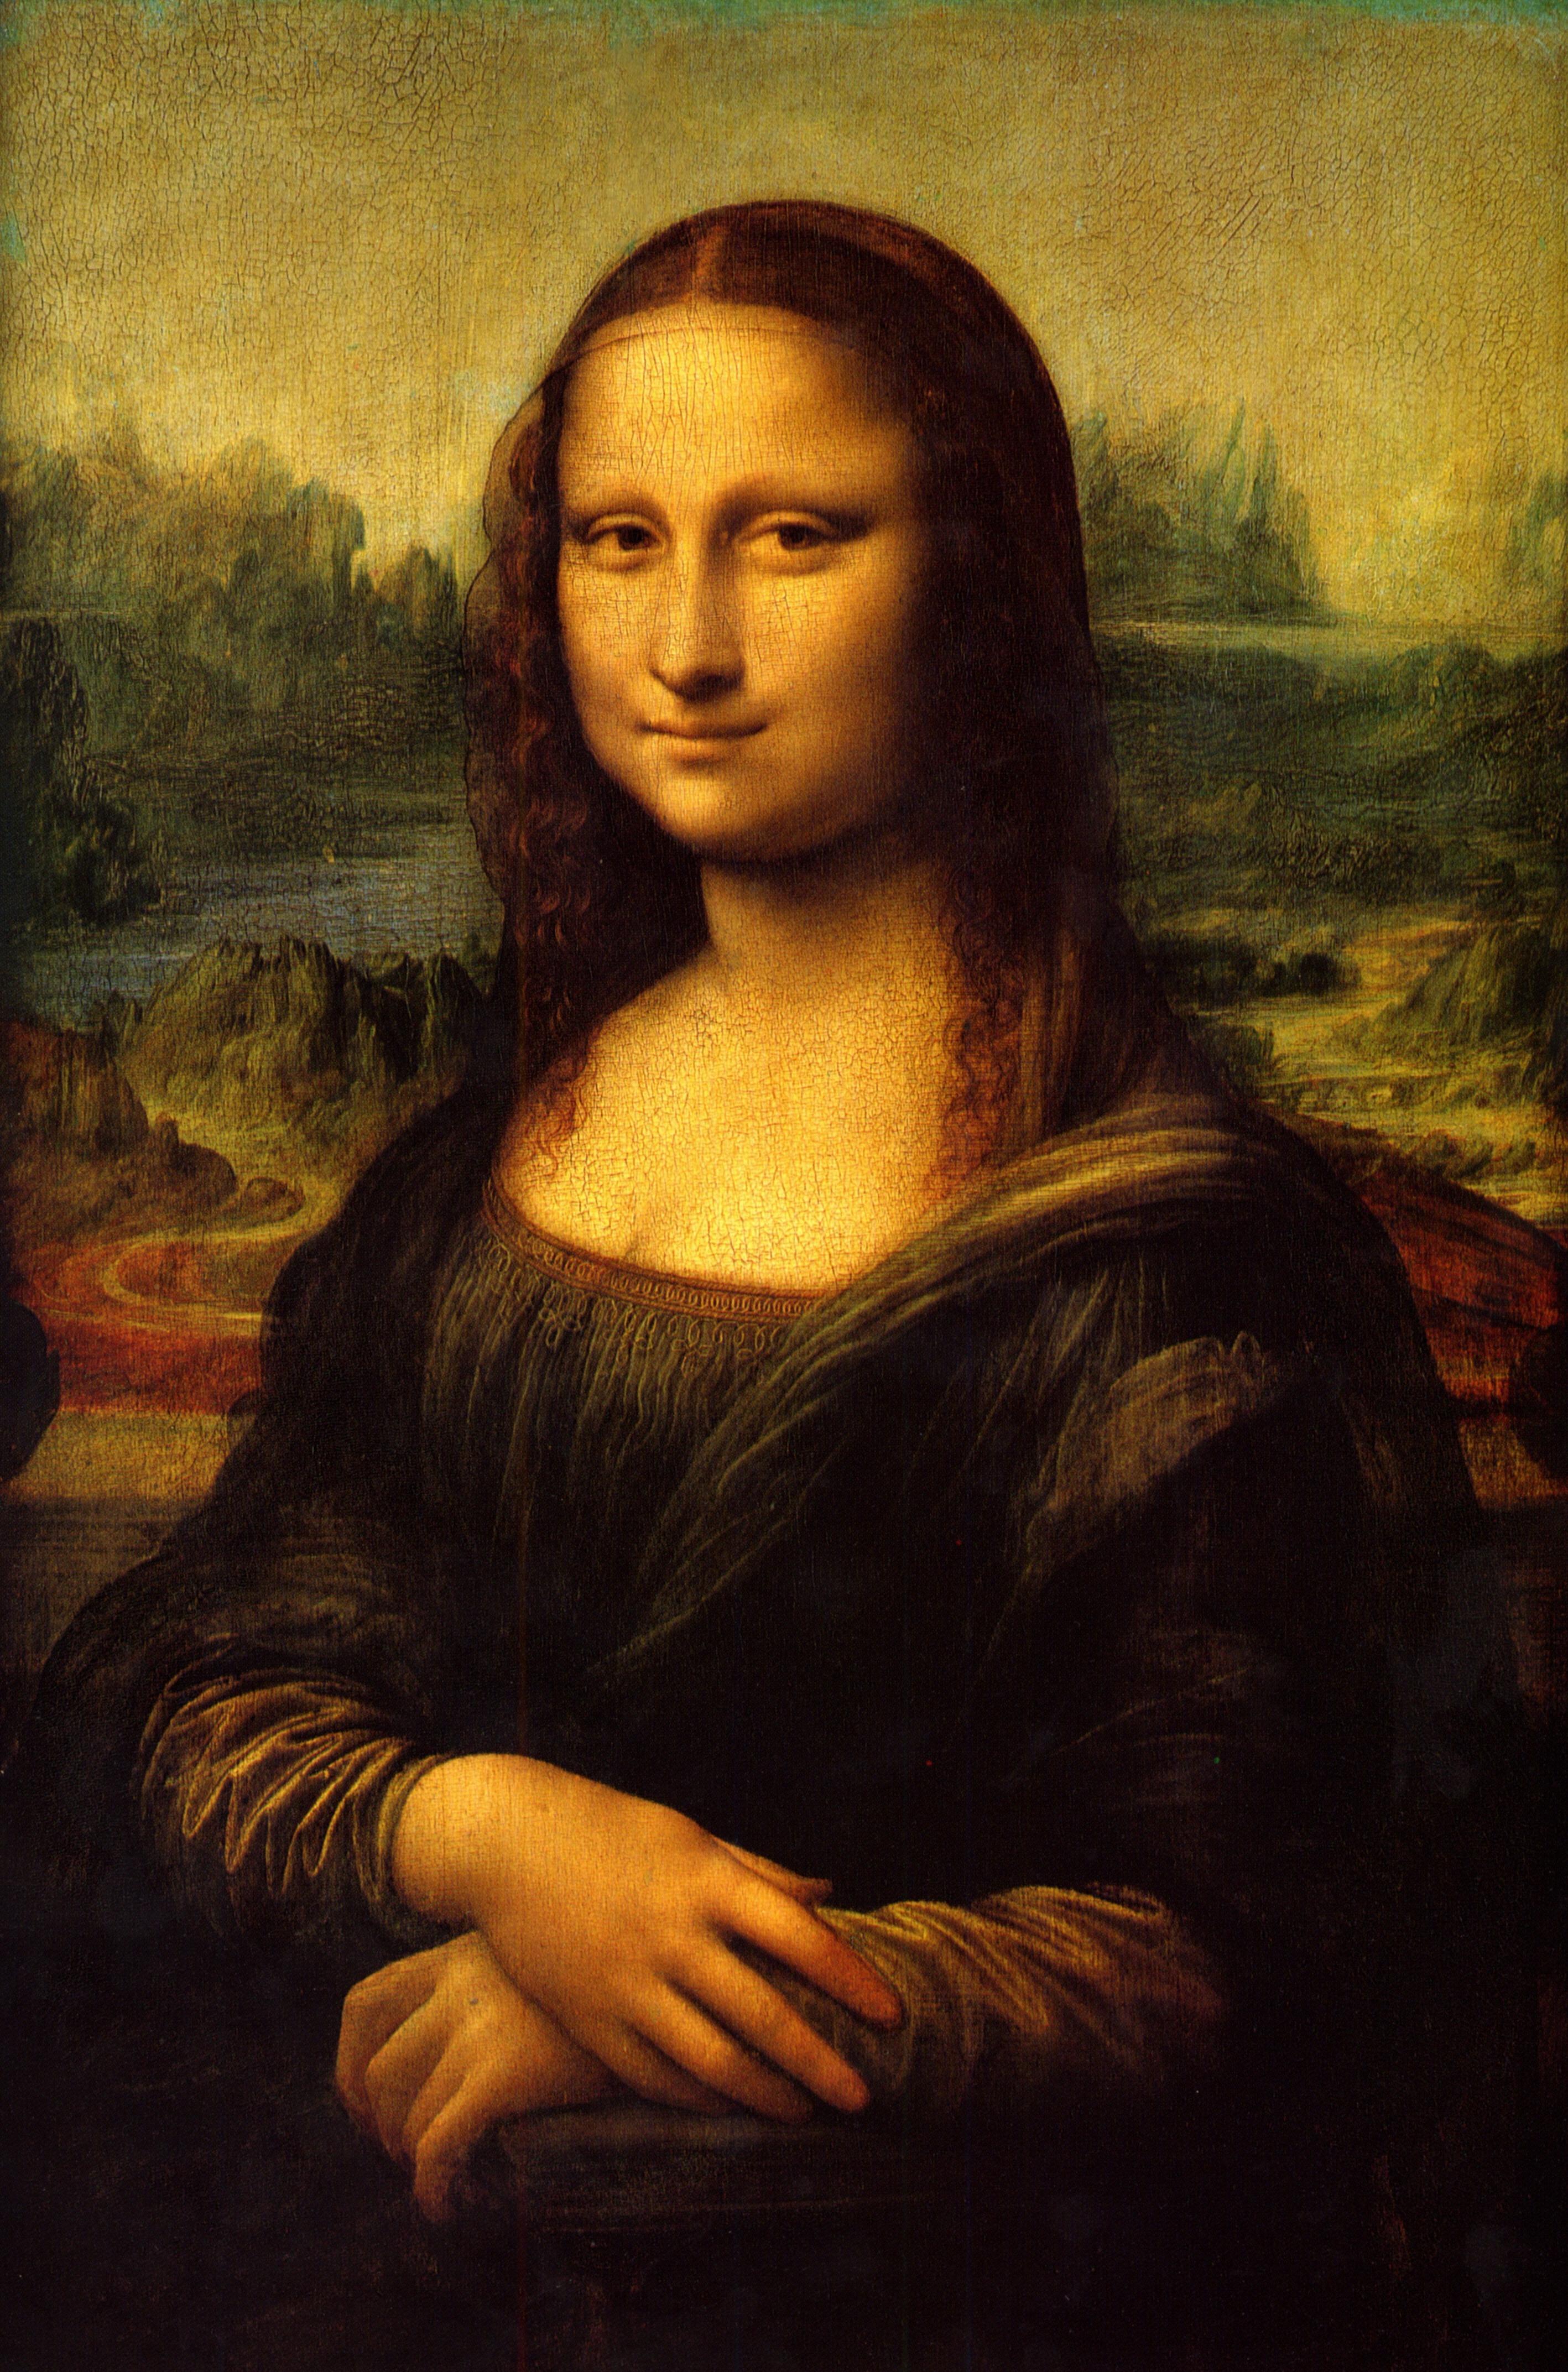 Deconstructing the Genius of Leonardo da Vinci